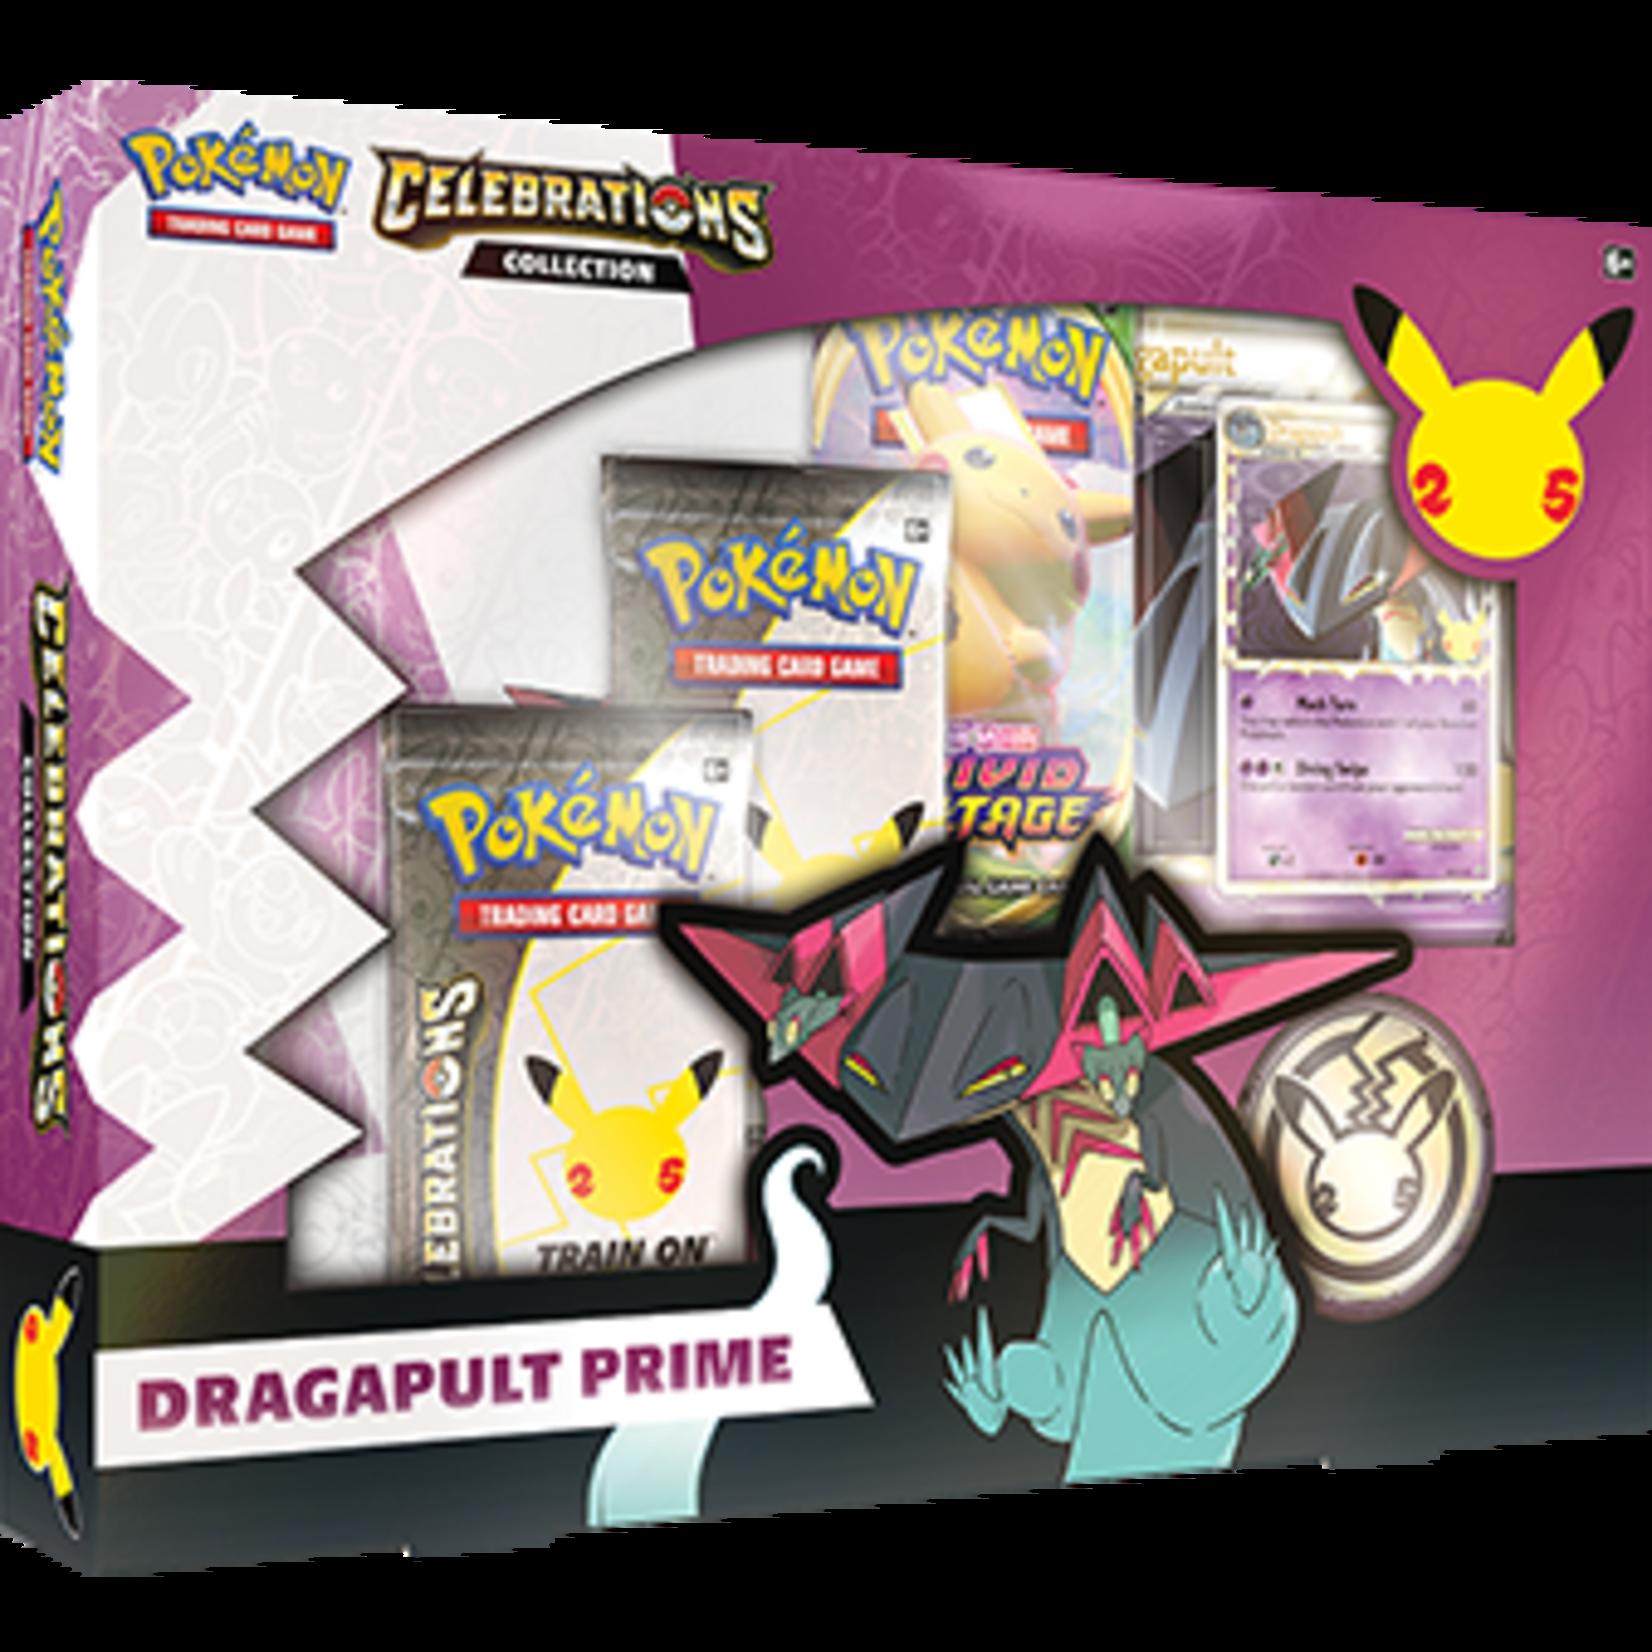 Pokemon Pokemon Celebrations Dragapult Prime